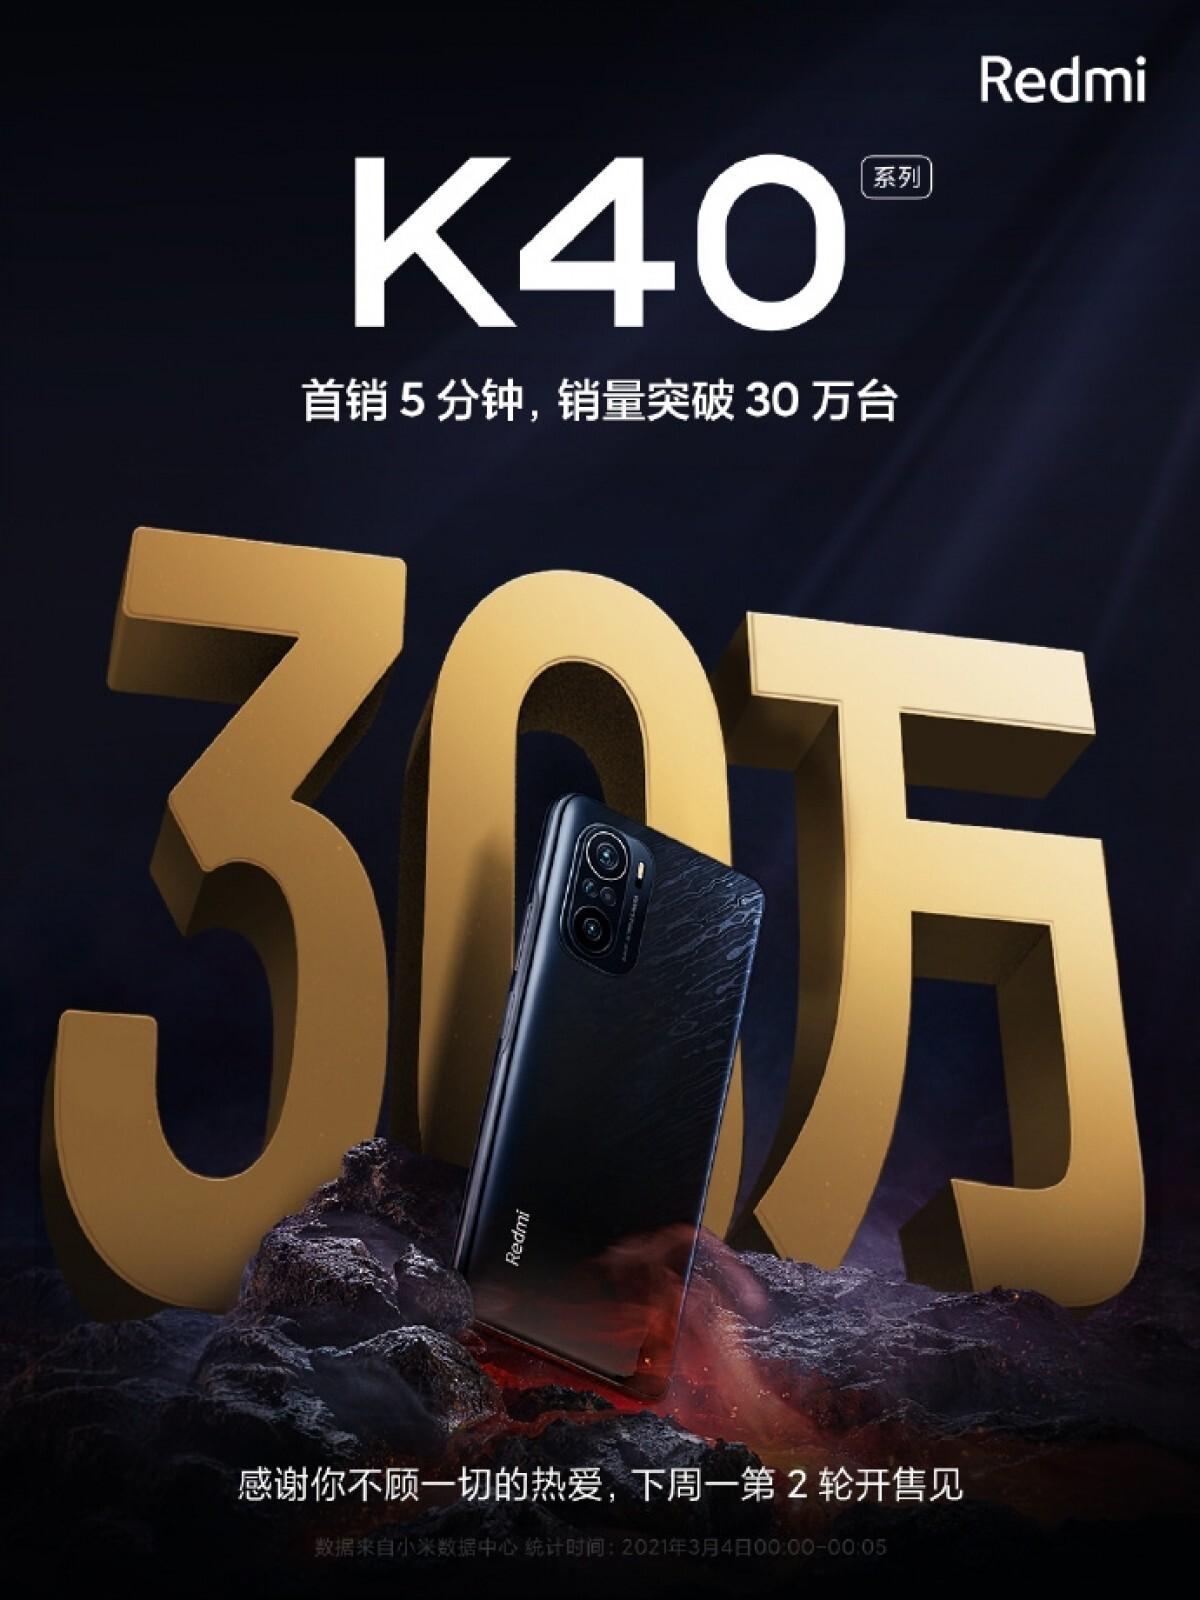 فروش ۳۰۰ هزار گوشی شیائومی در ۵ دقیقه